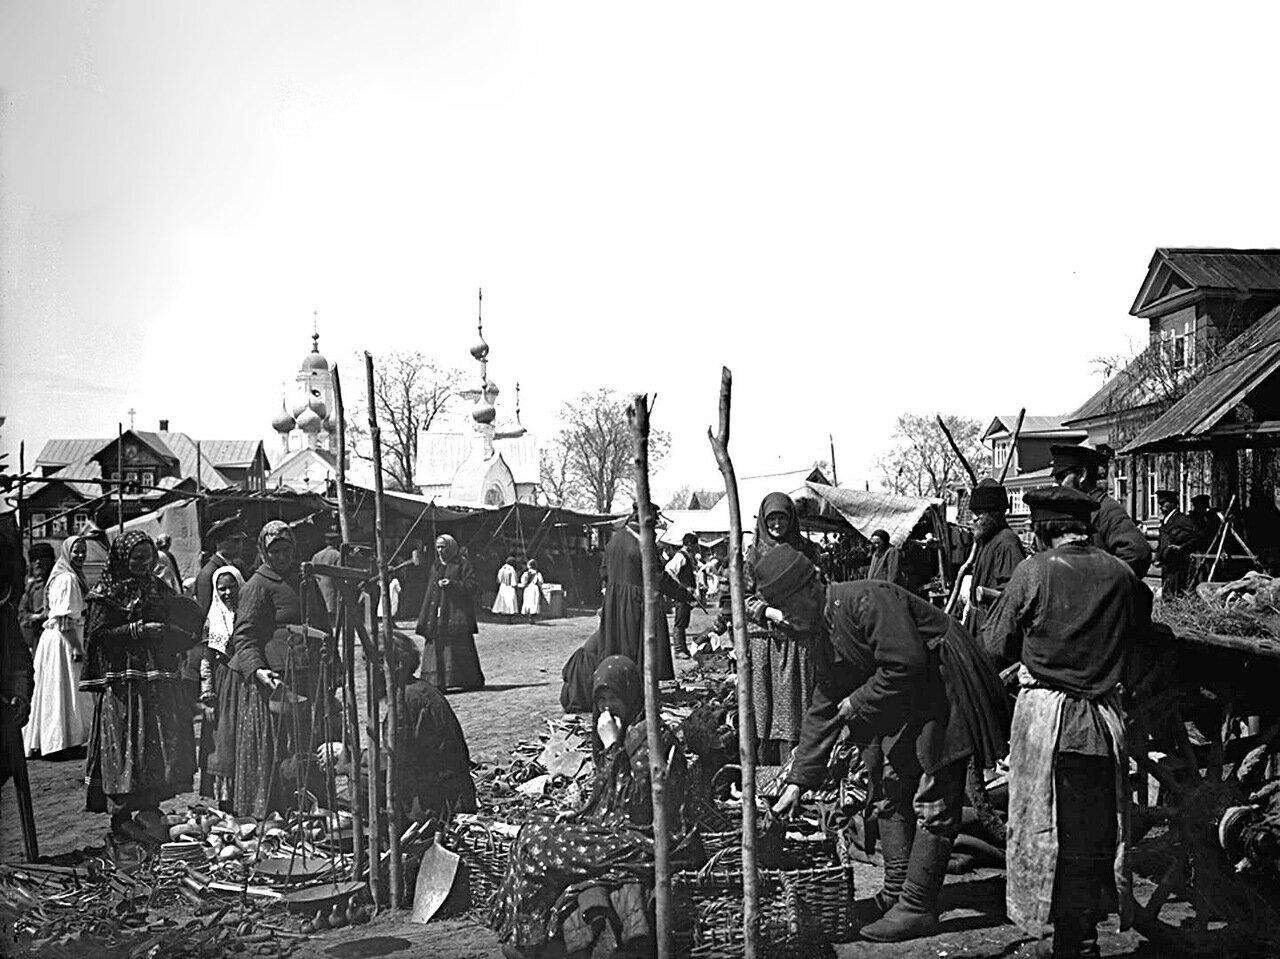 Торговые ряды. Базарная площадь. 1894 г. с. Бор, Нижегородской губернии